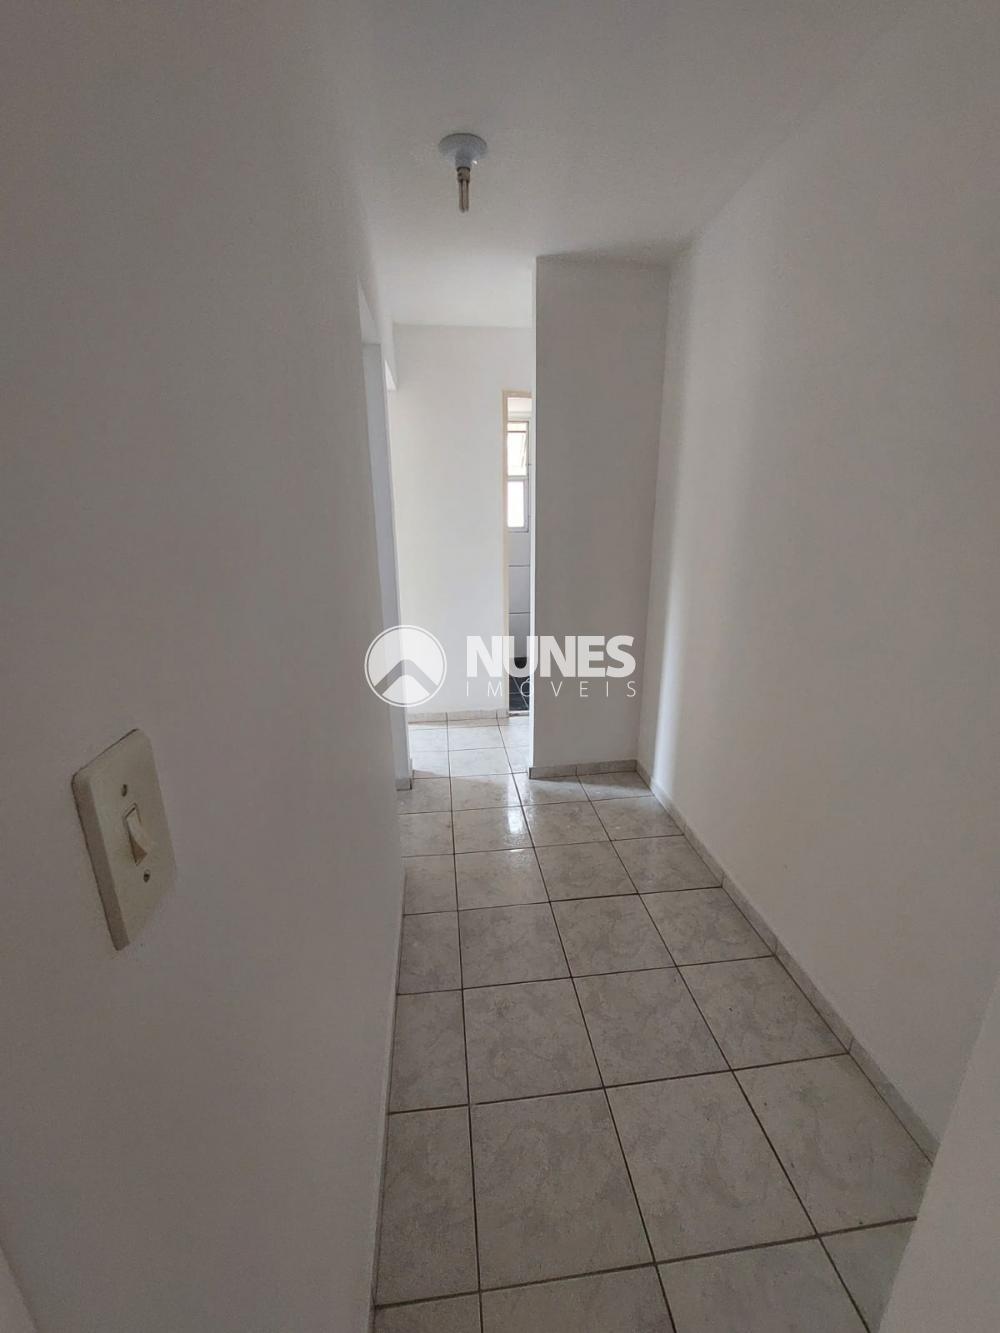 Comprar Apartamento / Padrão em Osasco R$ 155.000,00 - Foto 10